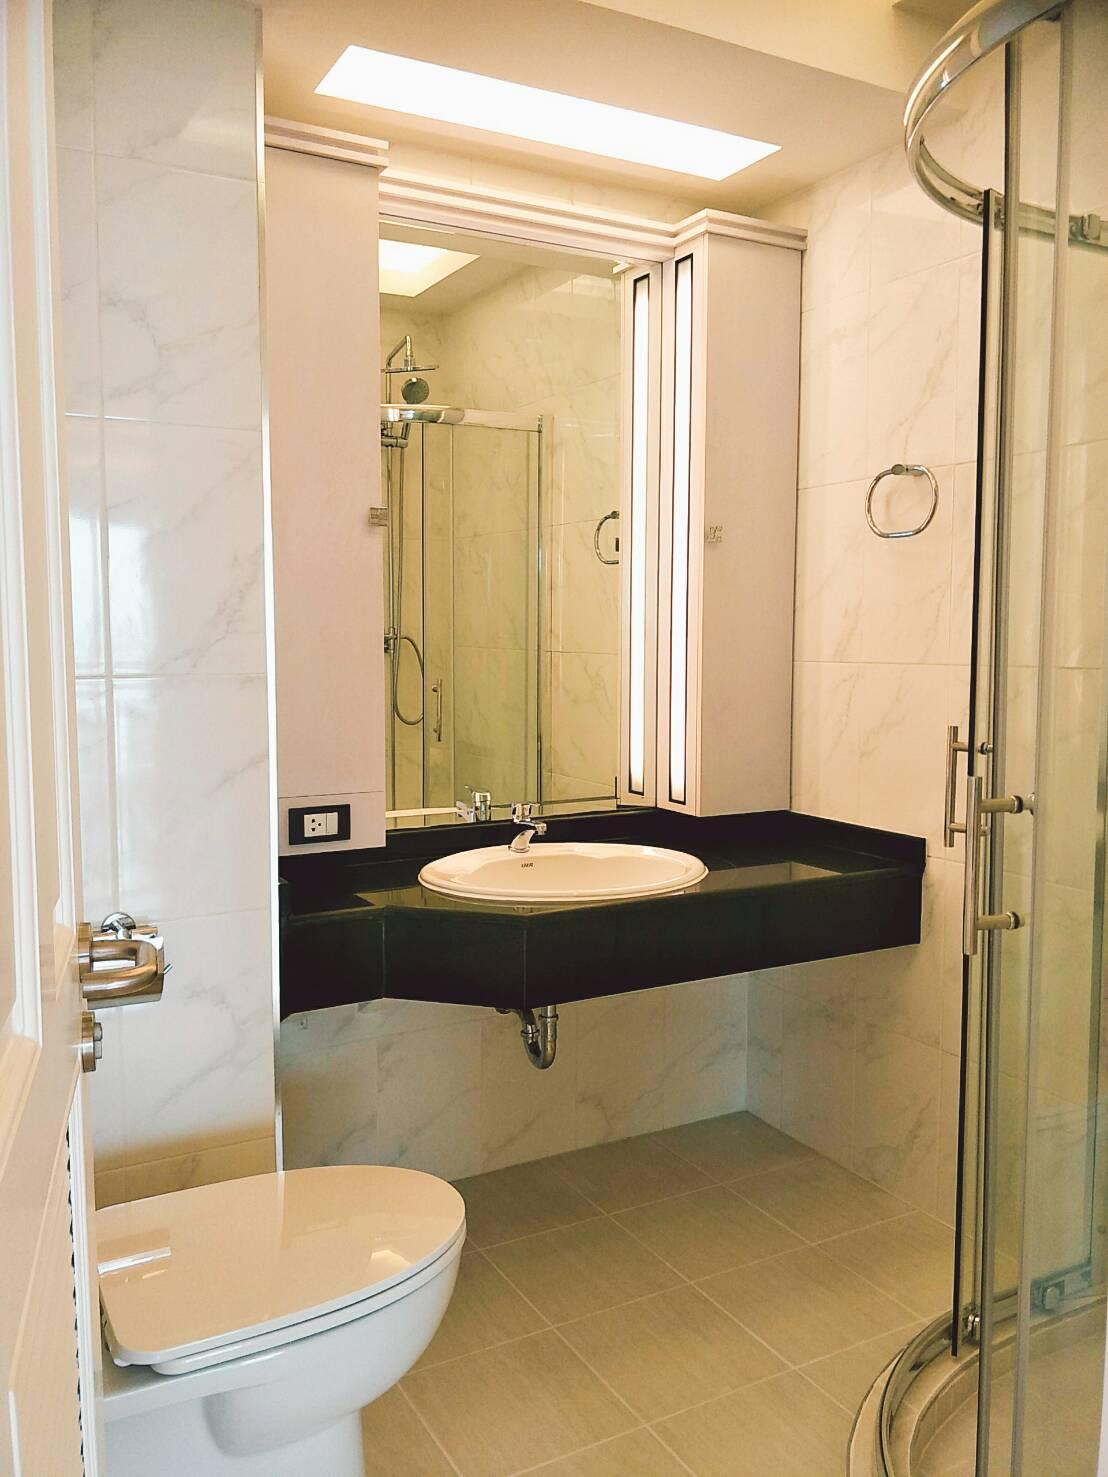 3 Bedroom Condos In Panama City Beach: 3-bedroom Condo In Phromg Phong